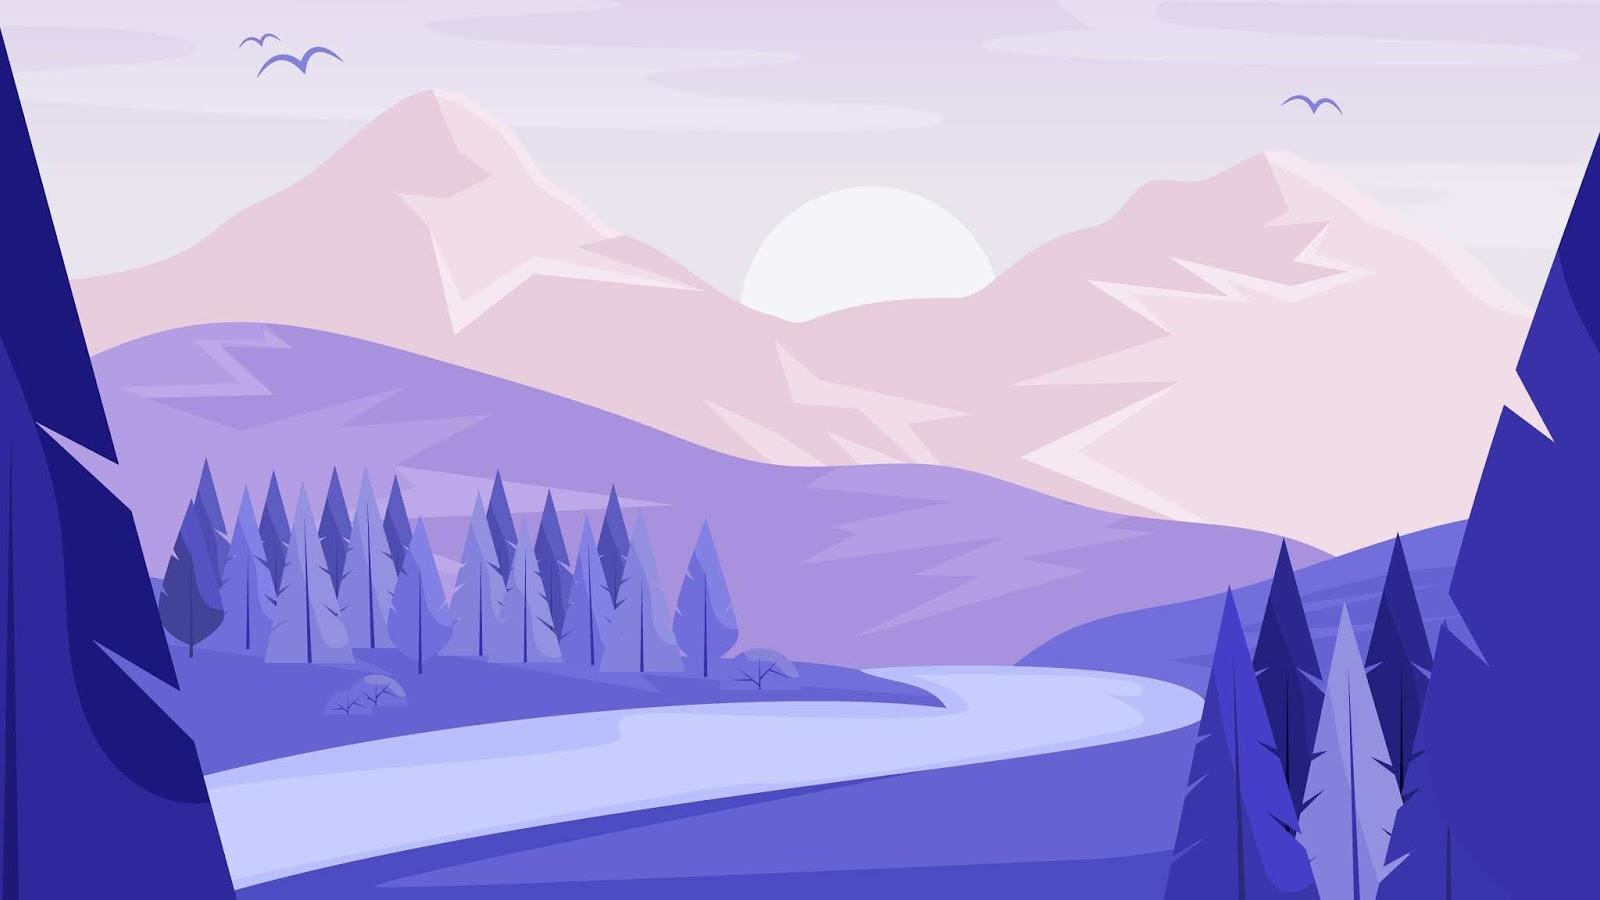 Minimalist landscape desktop wallpaper 4k